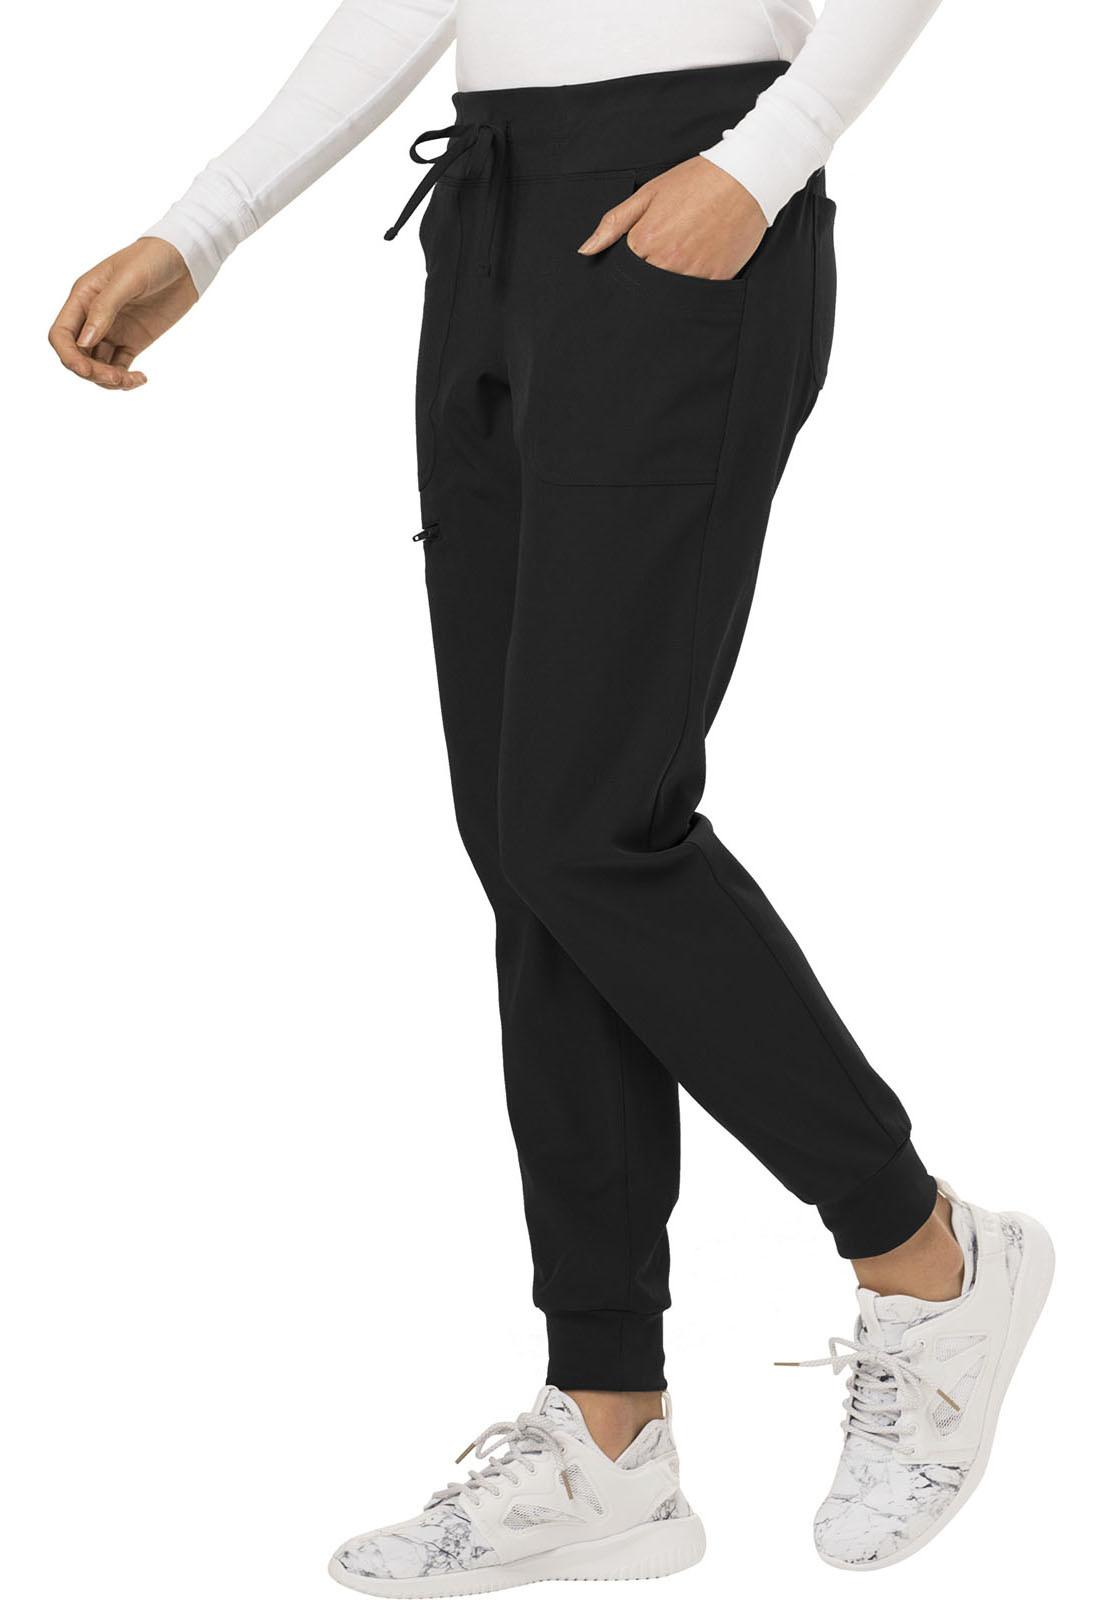 HEART SOUL Black Women's Jogger Scrub Pants HS030-BCKH